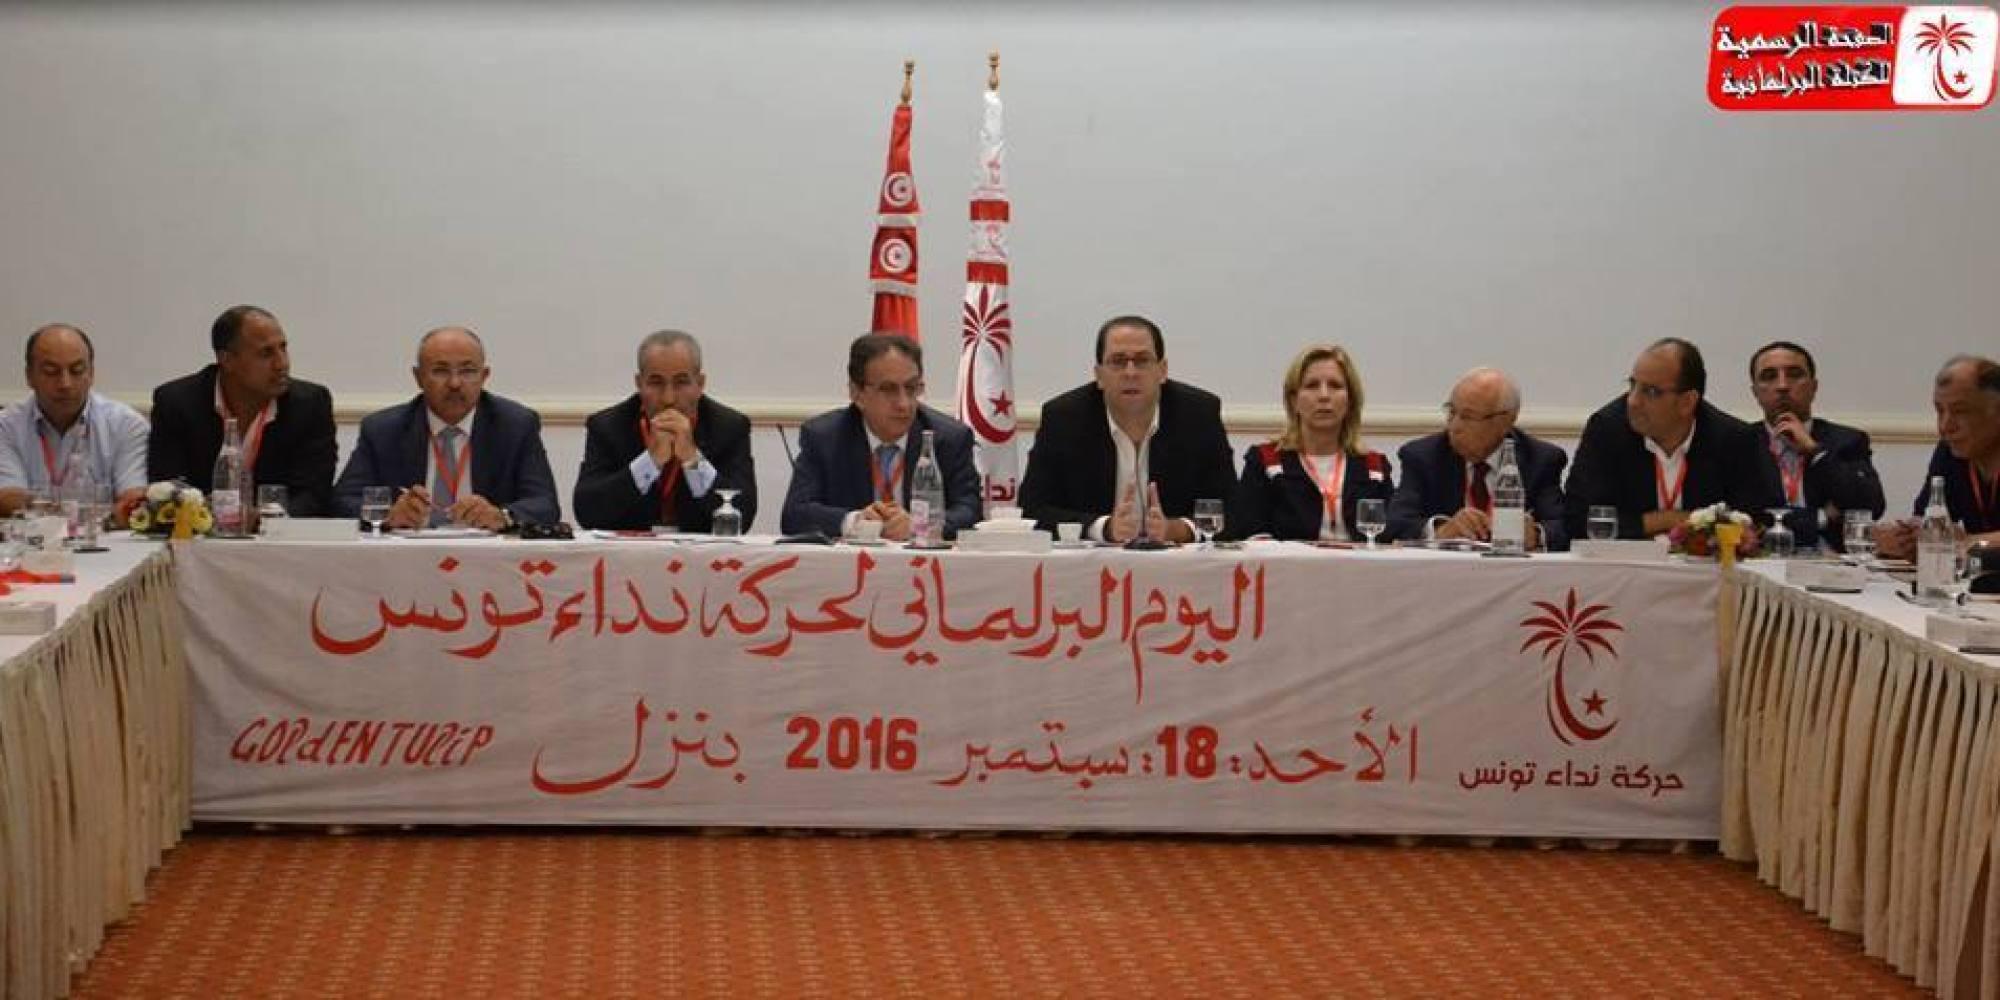 Désignation à la tête du comité politique de Nidaa Tounes, Youssef Chahed préfère le travail gouvernemental